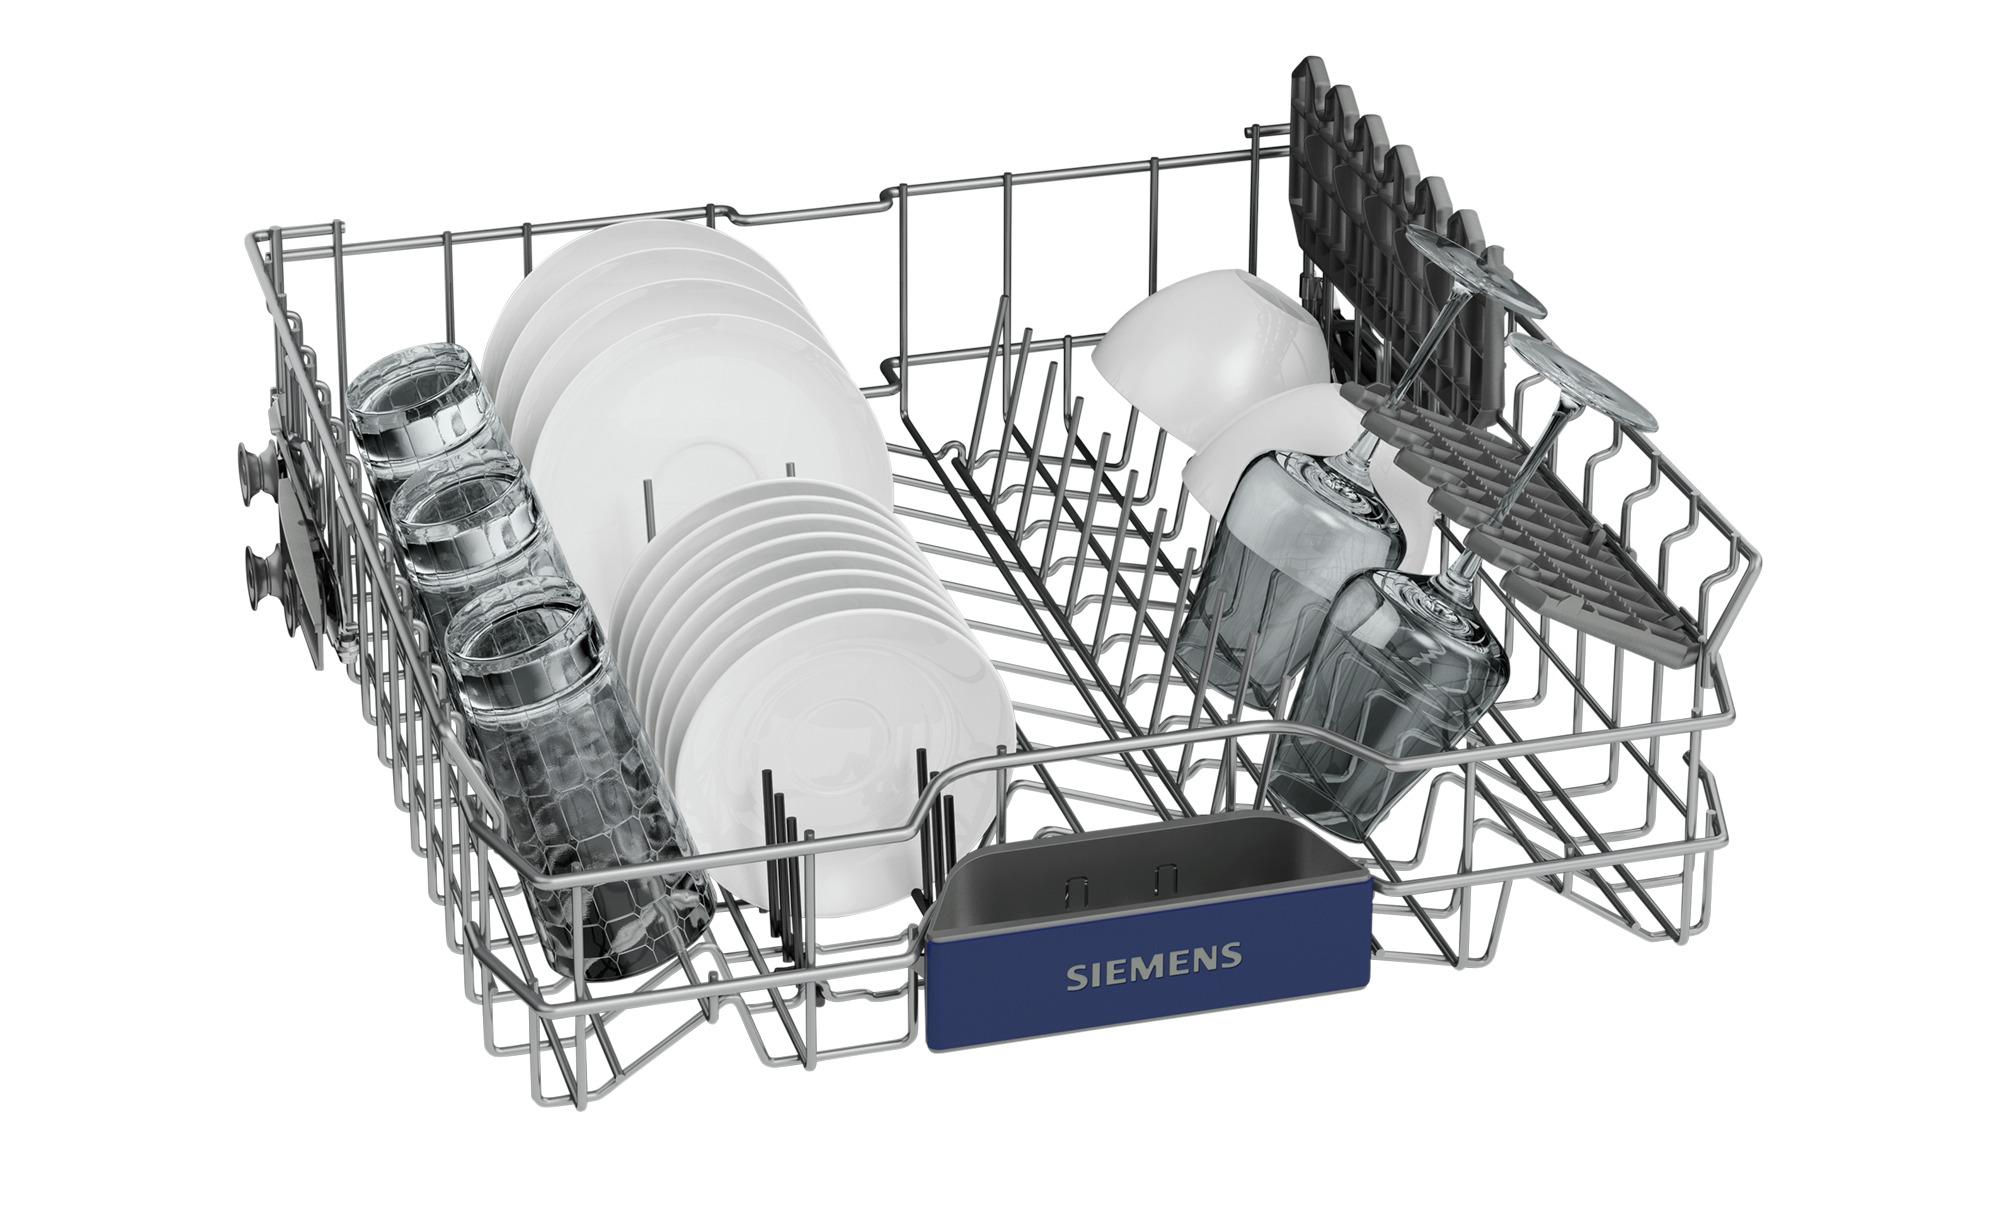 Siemens Einbau Geschirrspüler Sn 536 S 01 Ge Höffner